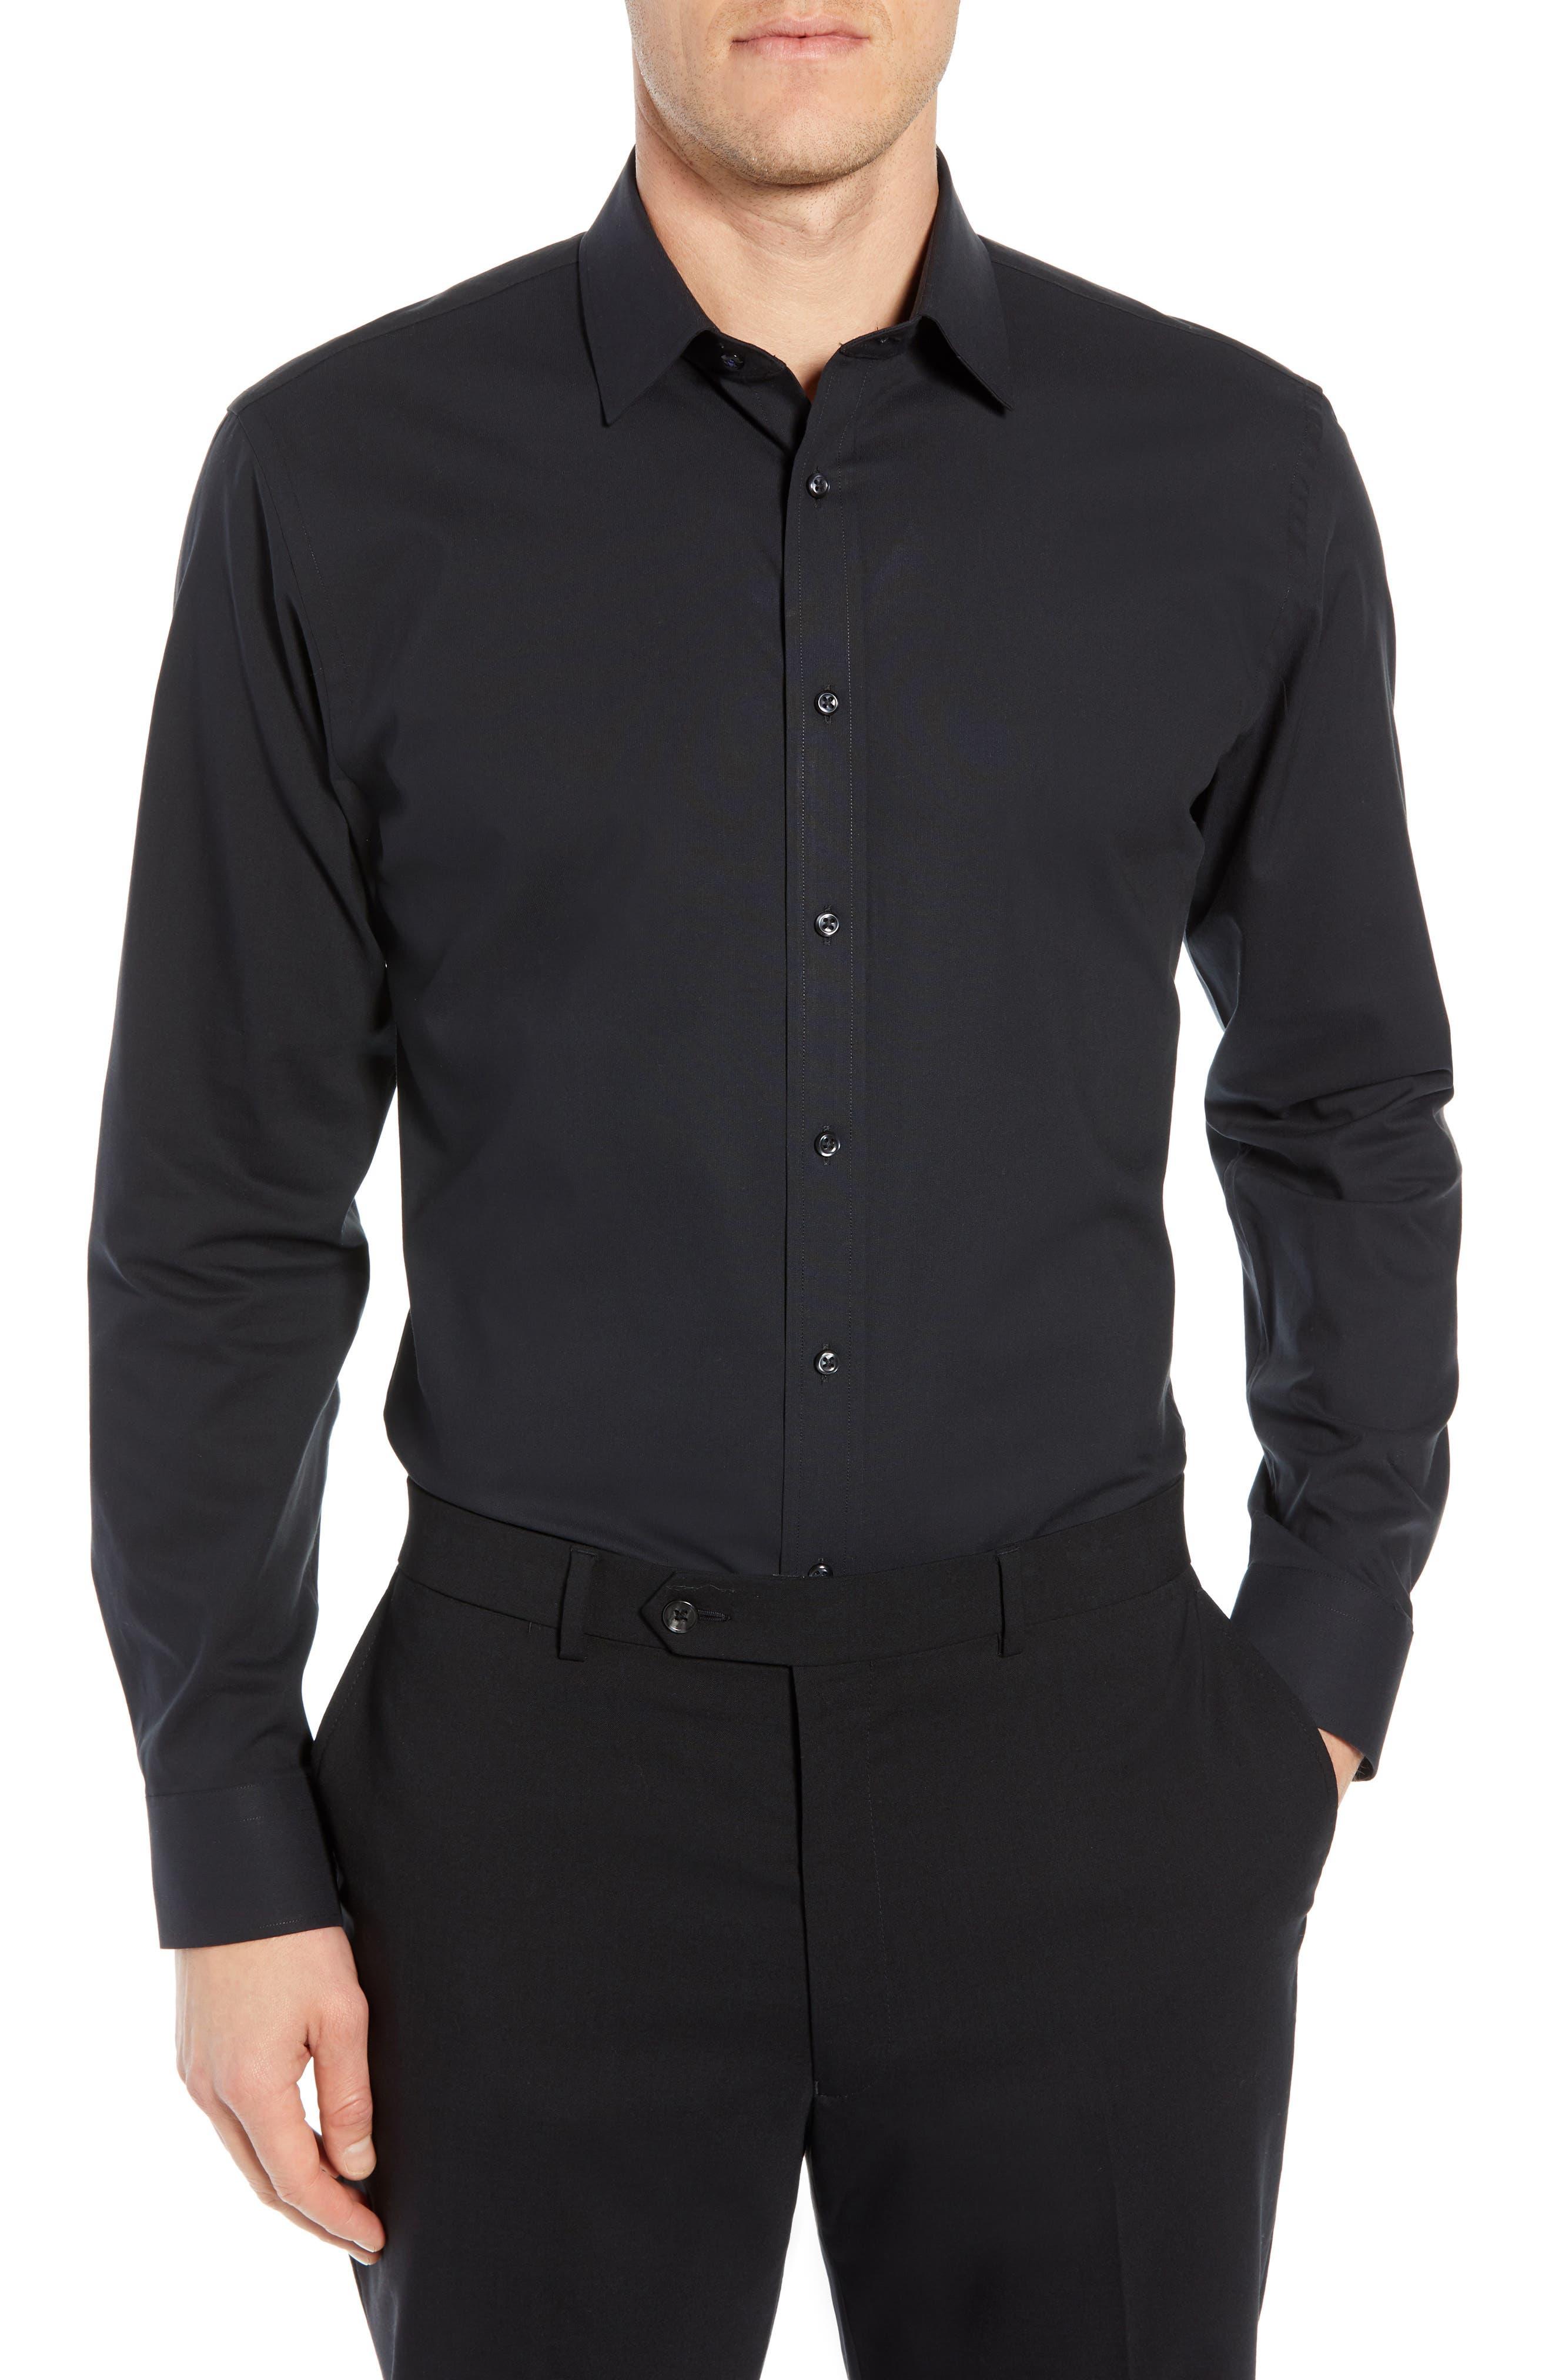 NORDSTROM MEN'S SHOP Tech-Smart Trim Fit Stretch Pinpoint Dress Shirt, Main, color, BLACK ROCK